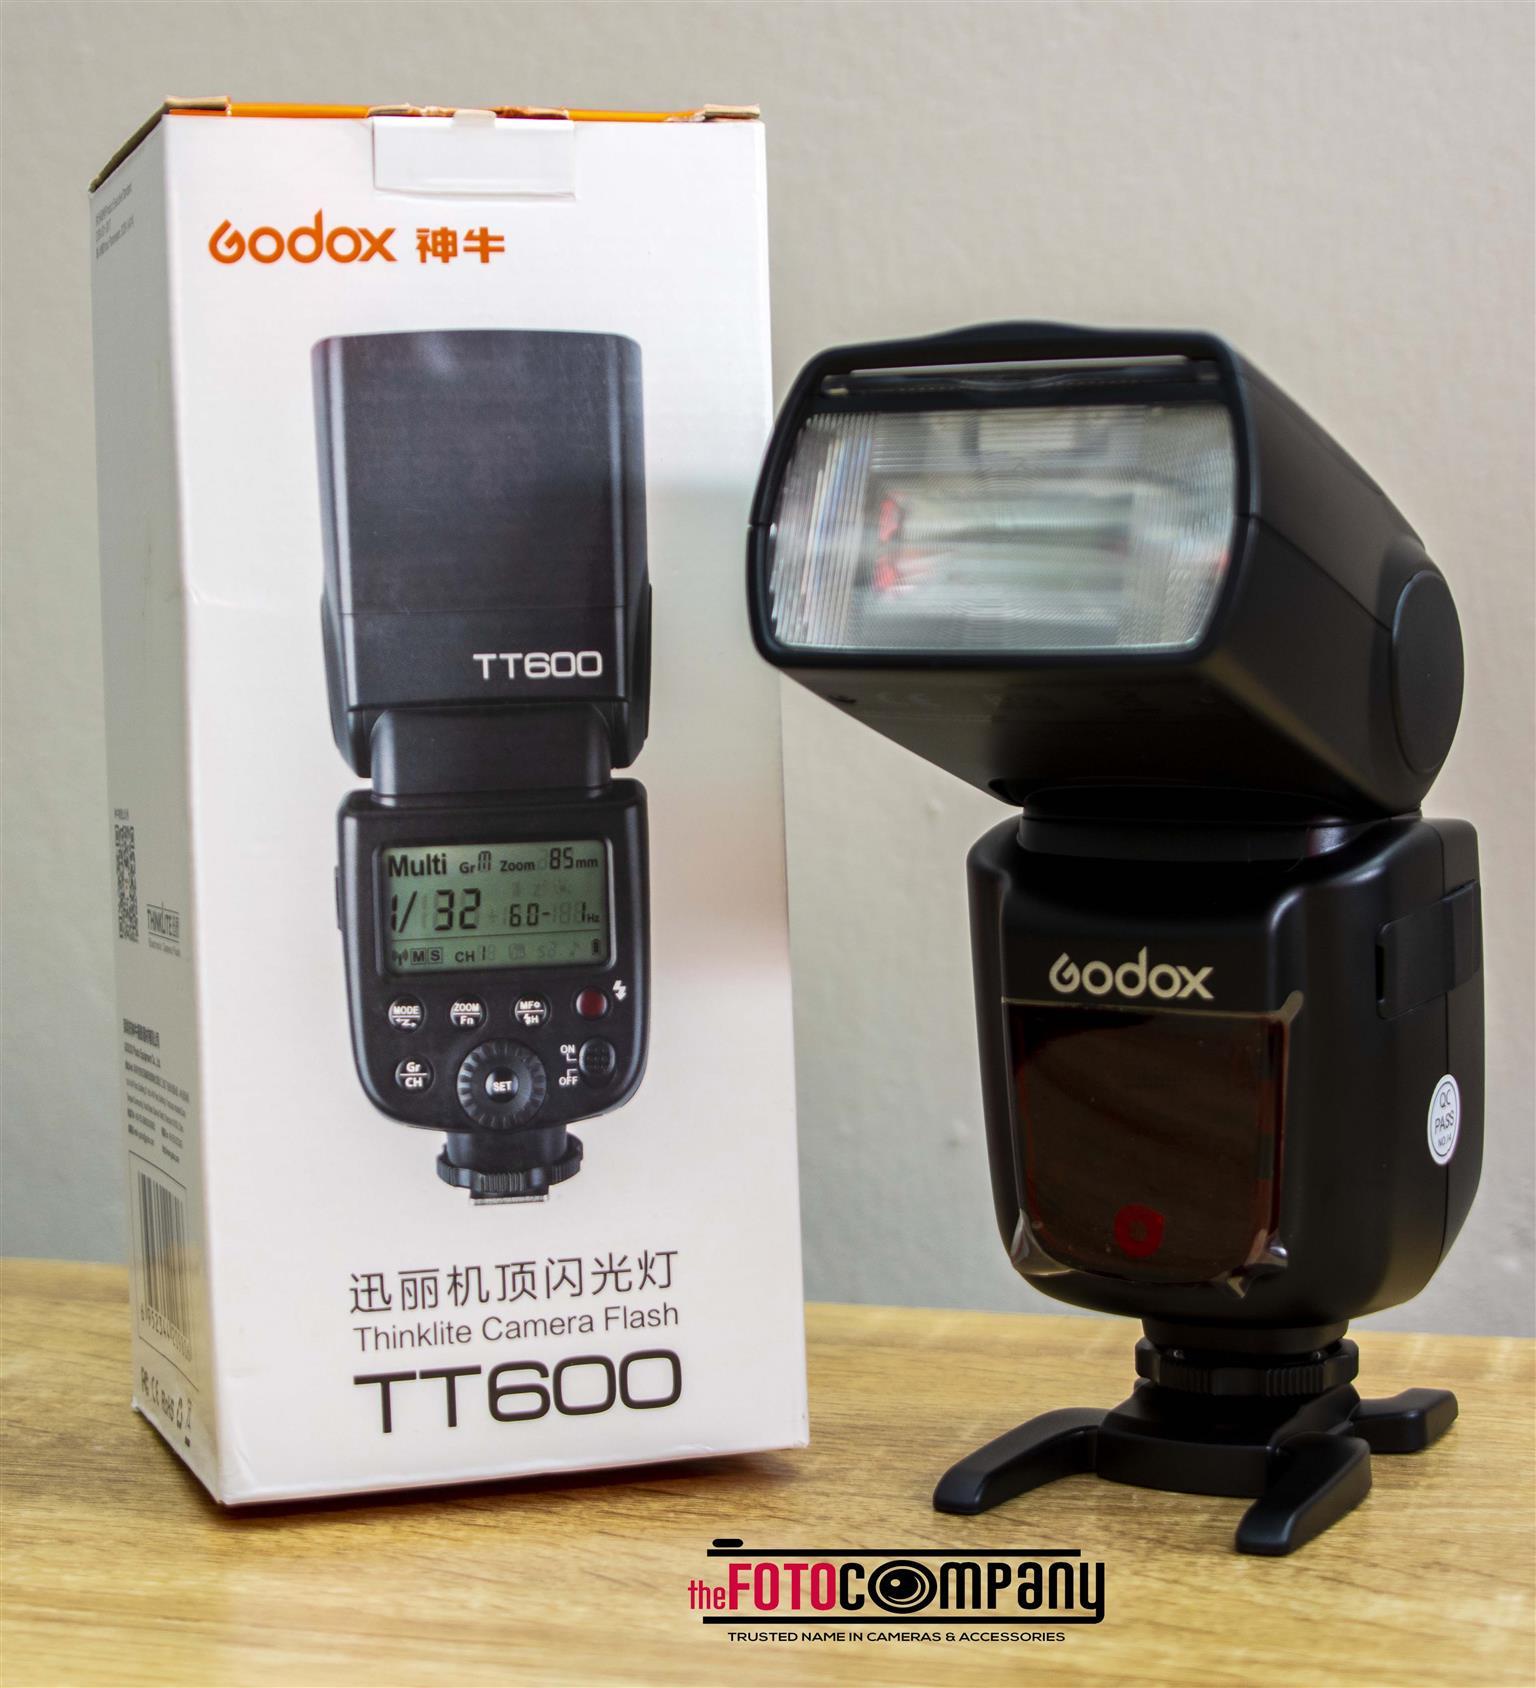 godox tt600 speedlites